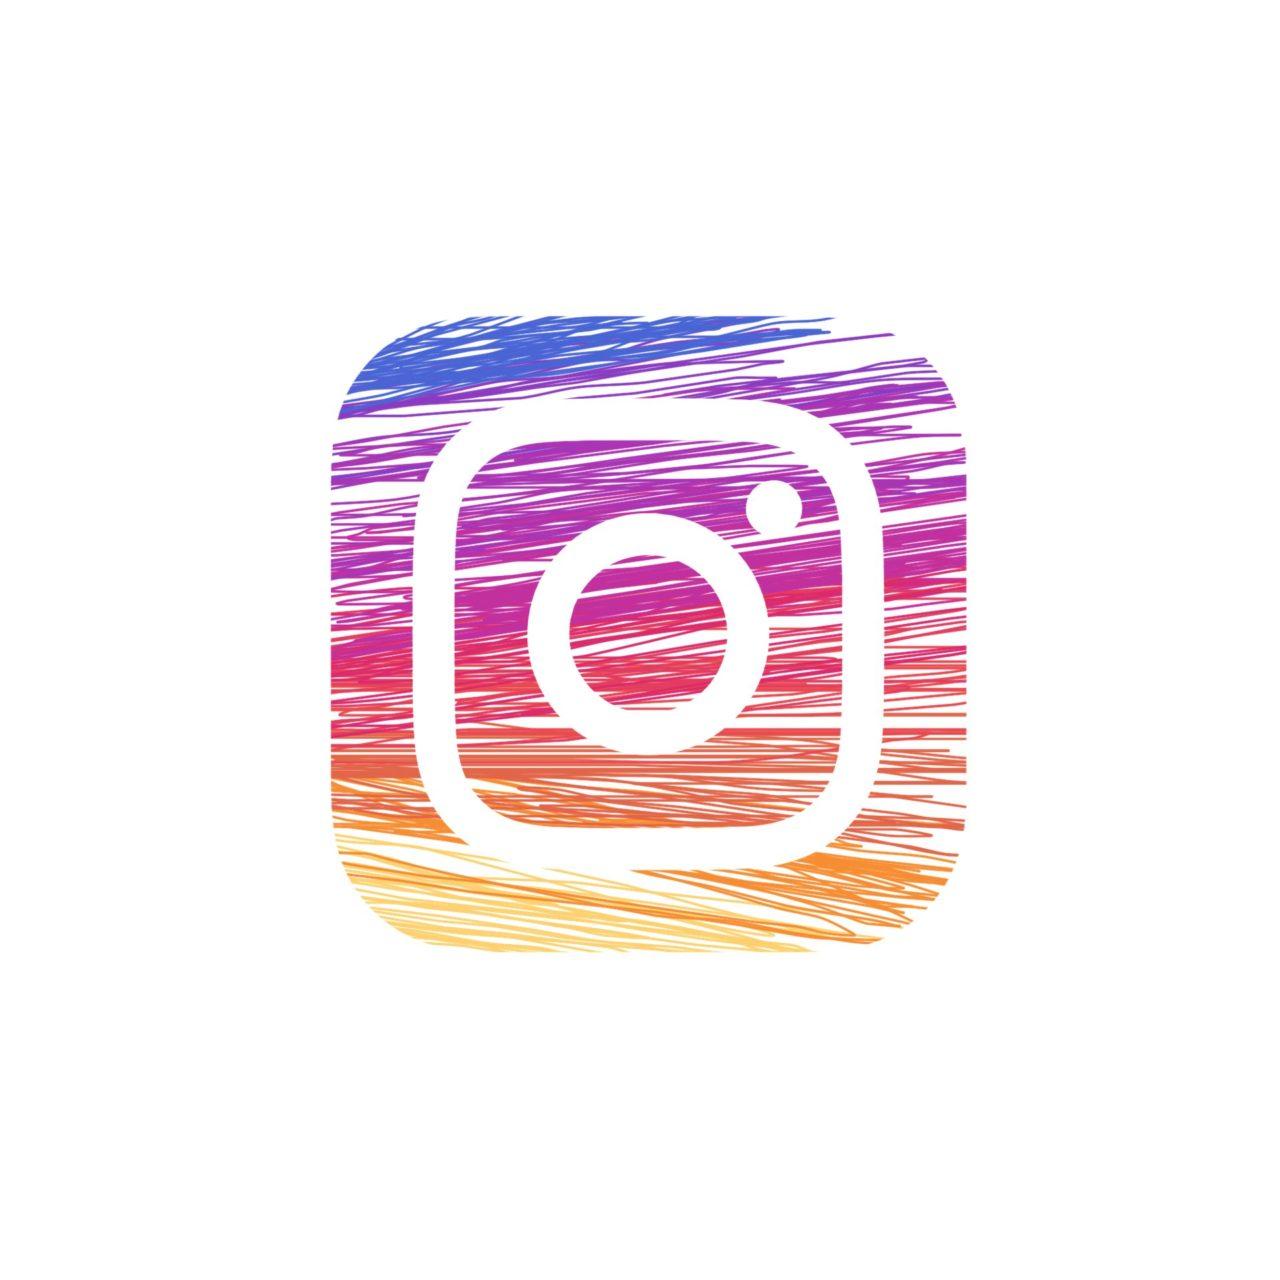 instagram-1280x1280.jpg